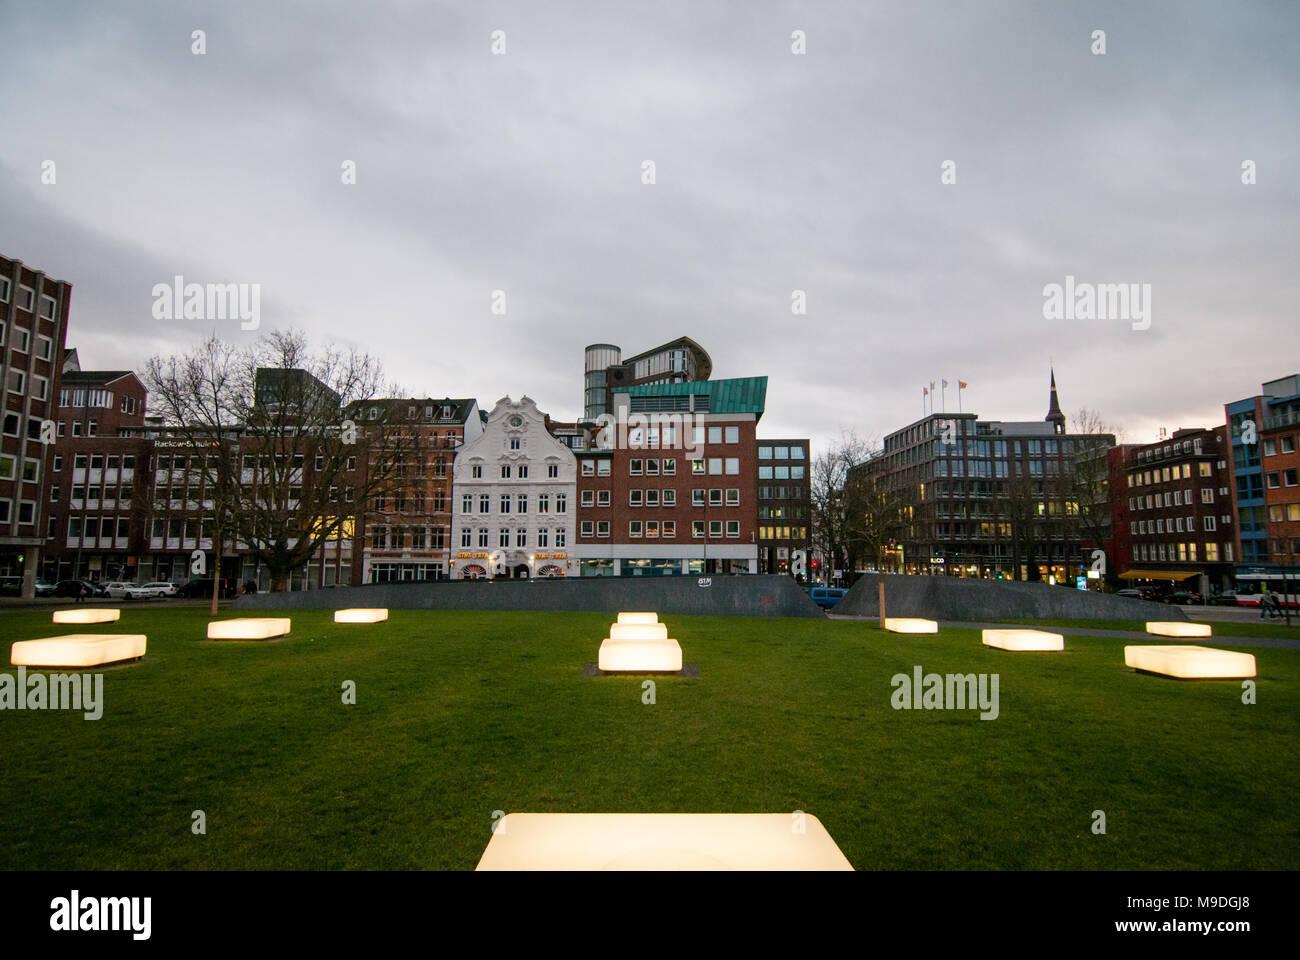 Hamburg, Deutschland - Januar 24, 2014: Blick auf die beleuchteten Bänke von Domplatz im historischen Zentrum von Hamburg am Abend. Stockbild